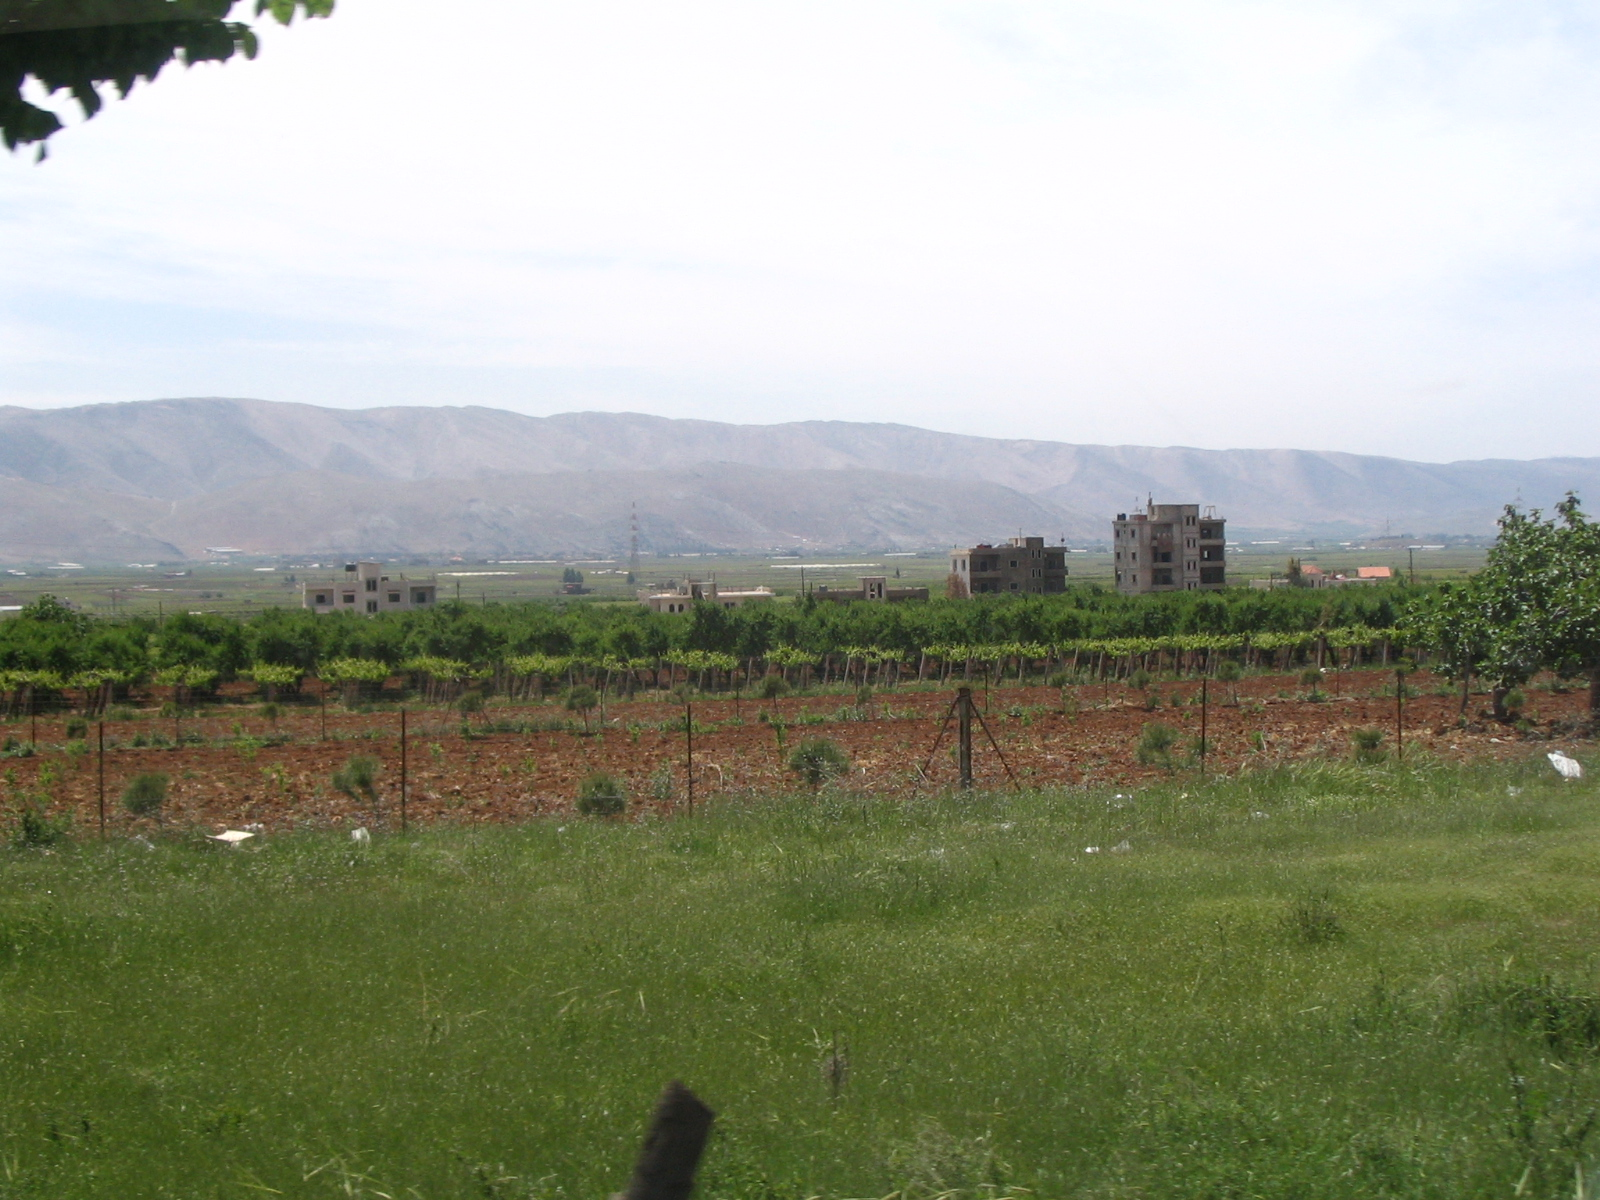 التعريف بلبنان كبلد سياحي المعلومات Beqaa-vineyard.JPG